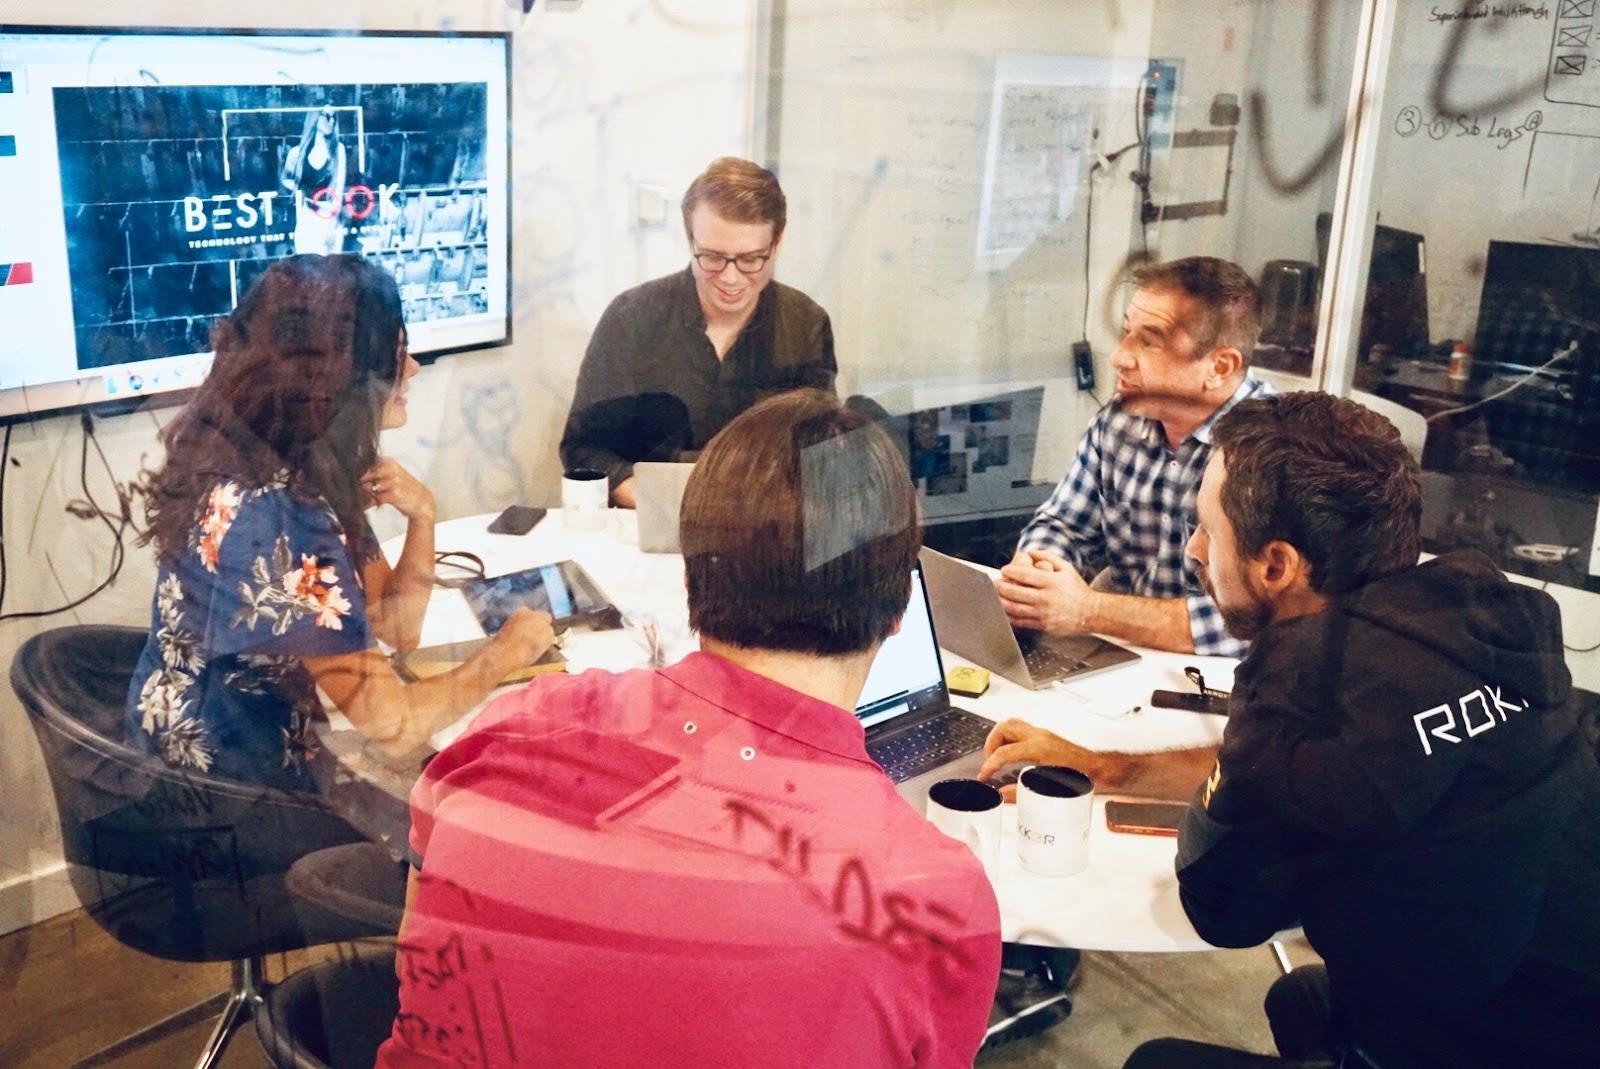 Rokk3r team members during a meeting